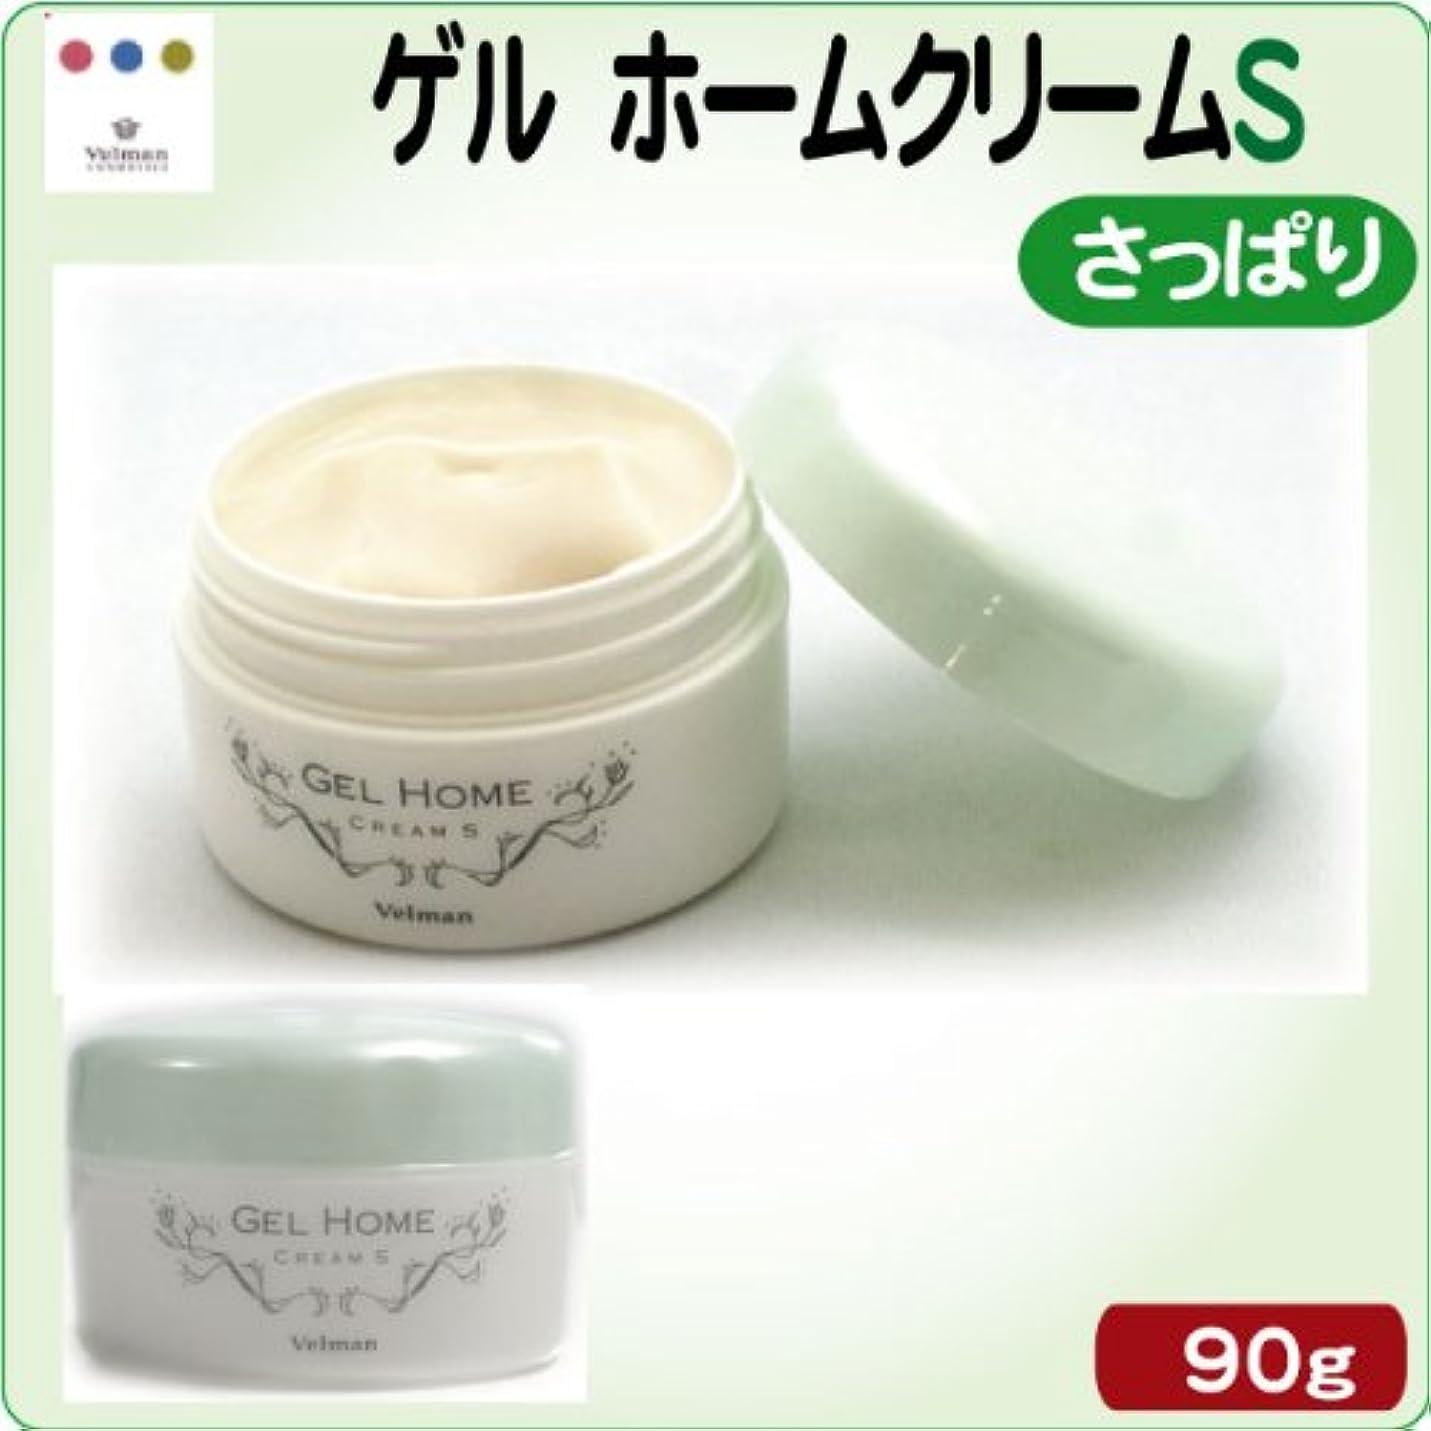 倍増オーナー前部ベルマン化粧品 NONLOOSE ゲルホームクリームS 【さっぱりタイプ】 90g